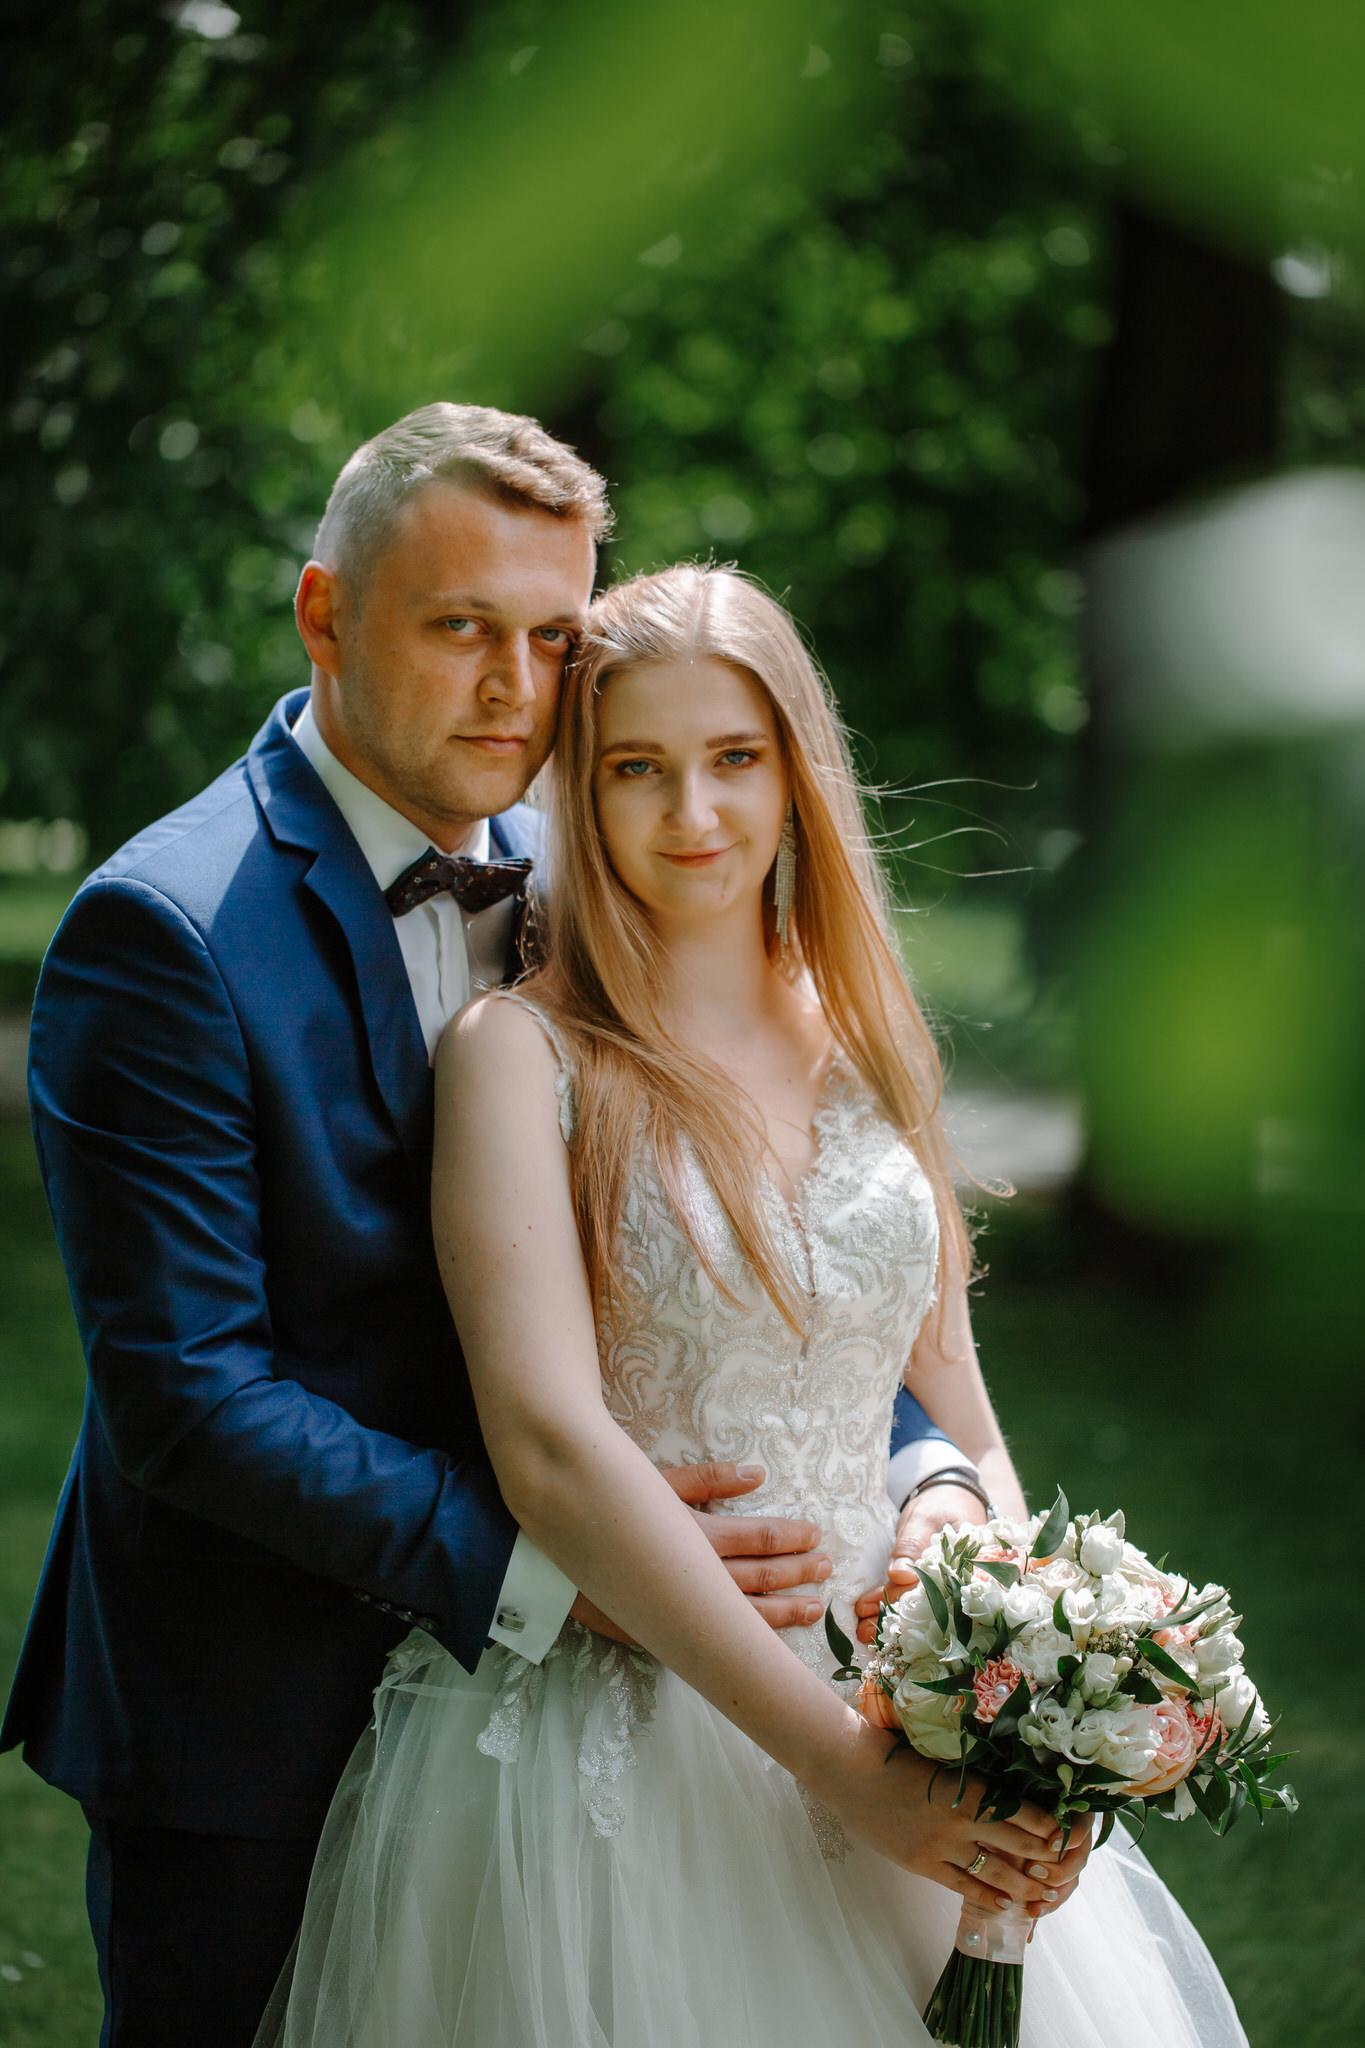 sesja slubna zamosc dominika jarek 15 - Sesja Ślubna w Zamościu | Dominika i Jarek | 31.05.2021